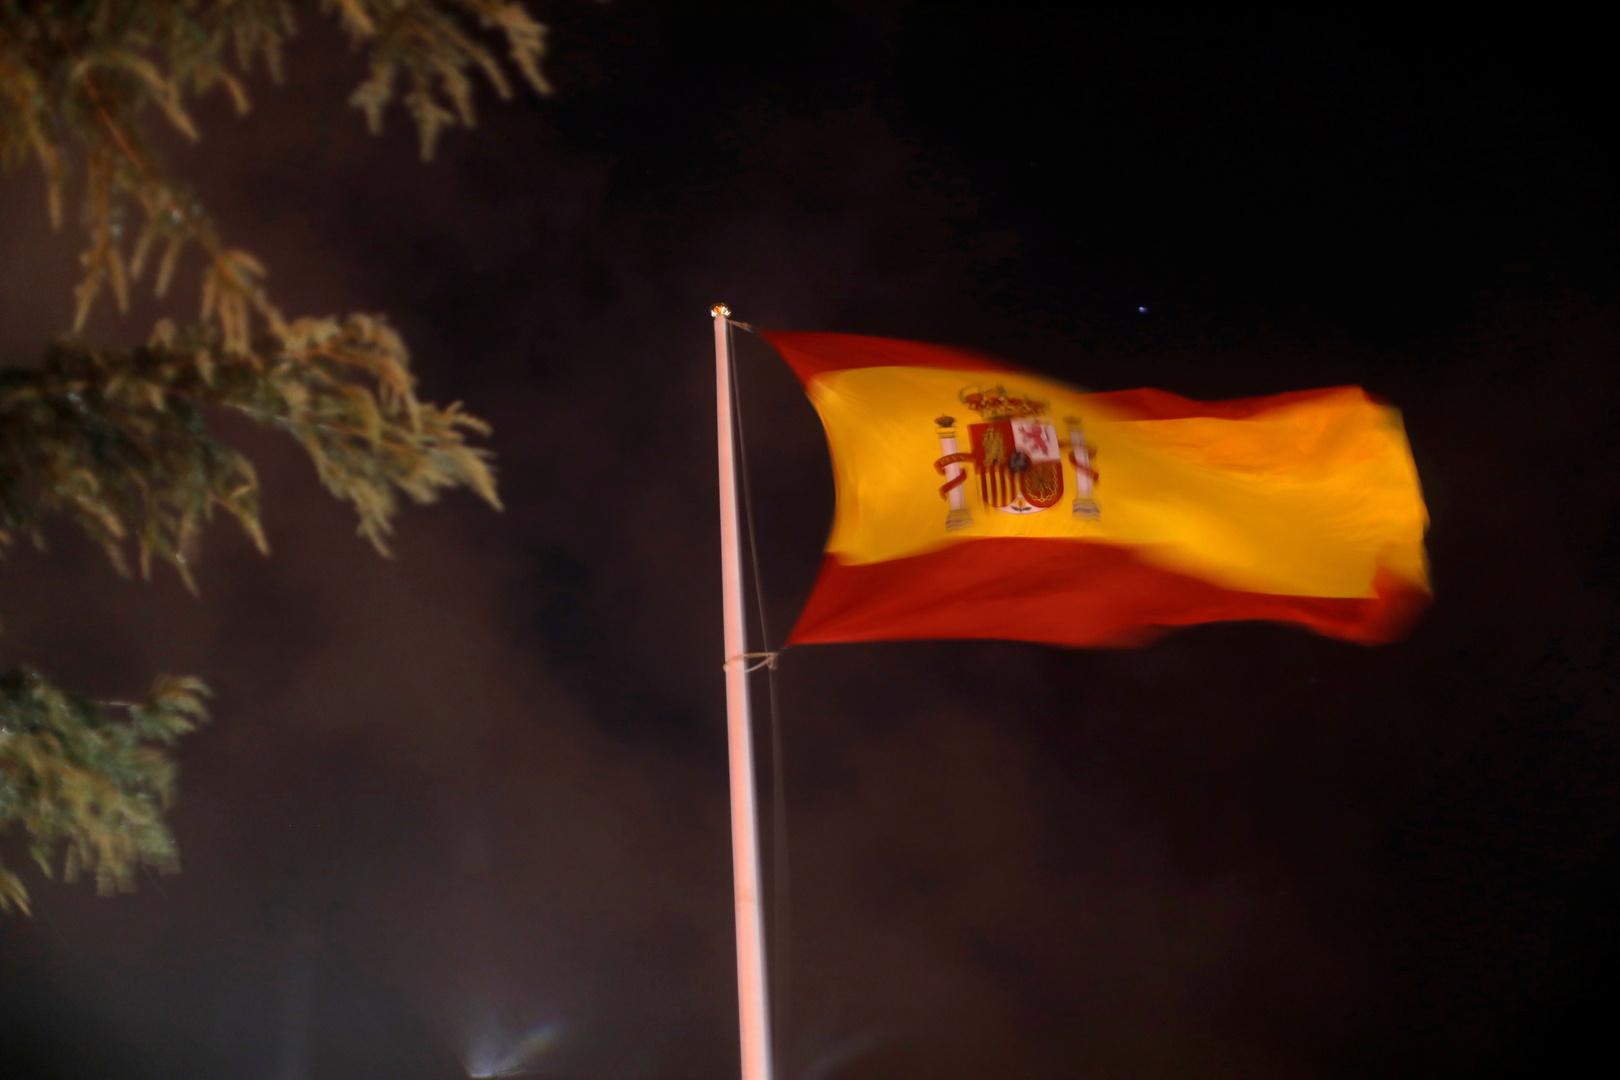 عواصف وفيضانات تجتاح عدة مناطق في إسبانيا